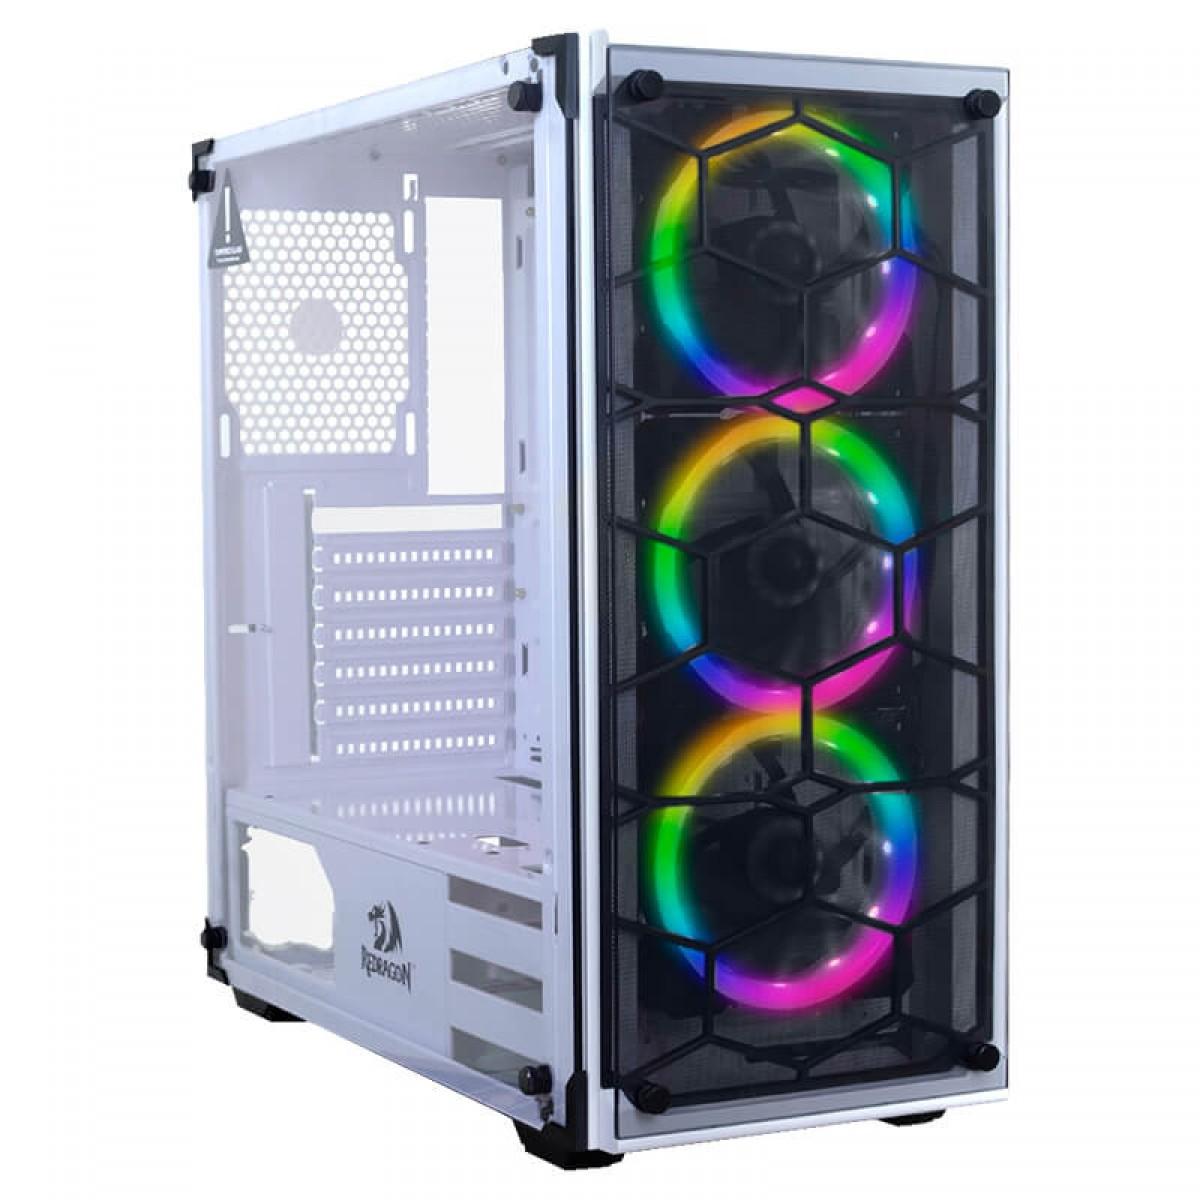 Pc Gamer T-Soldier Lvl-8 Intel Core i5 9400F / GeForce RTX 2060 Super / DDR4 8GB / HD 1TB / 600W